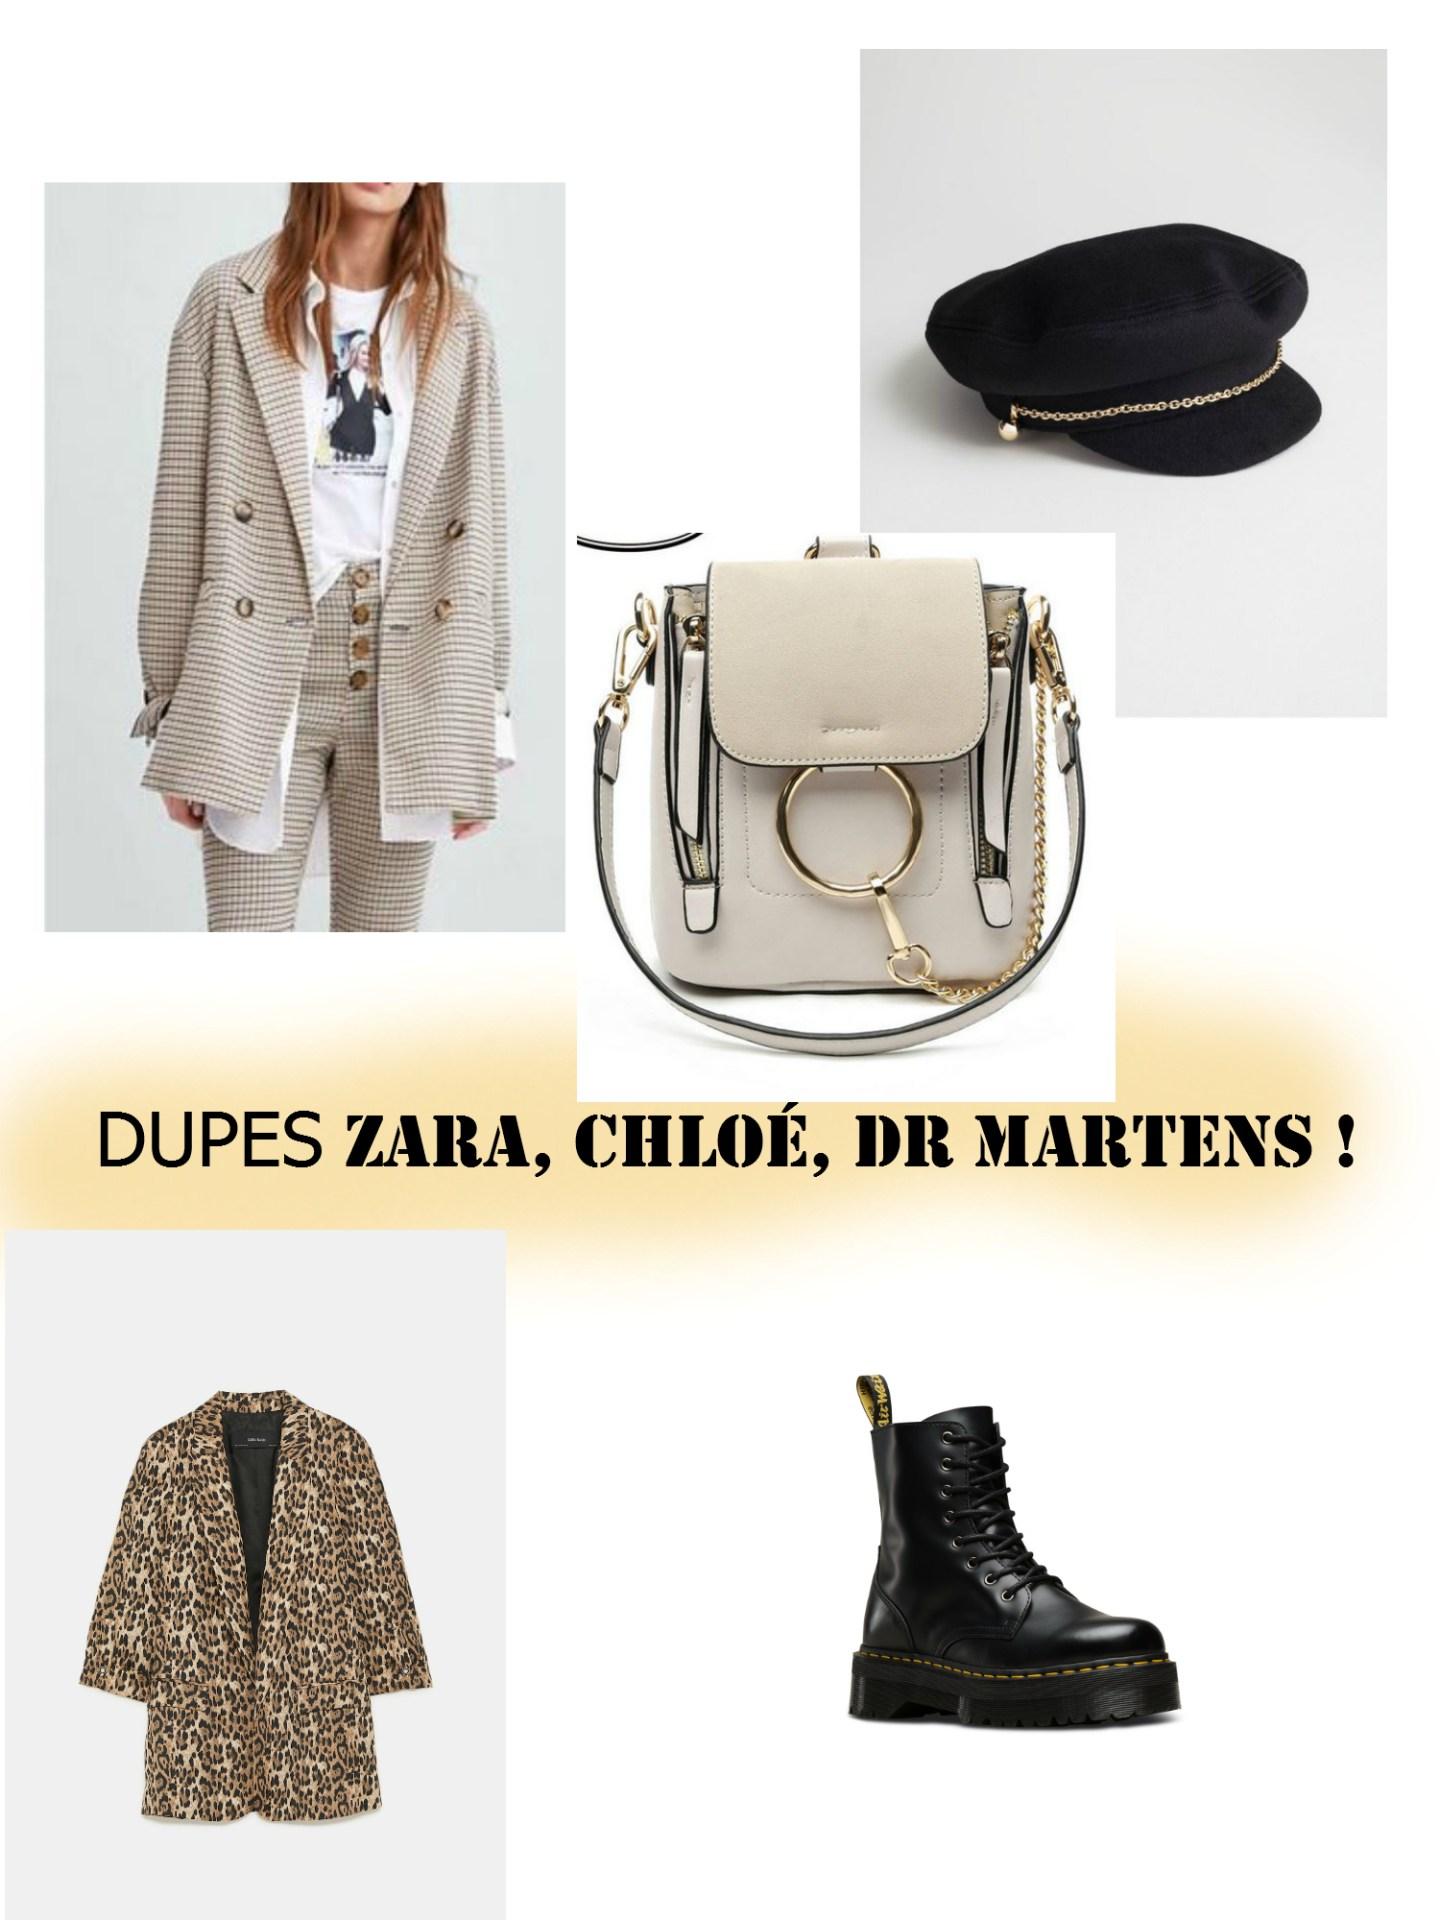 DUPES ZARA, CHLOÉ, DR MARTENS !